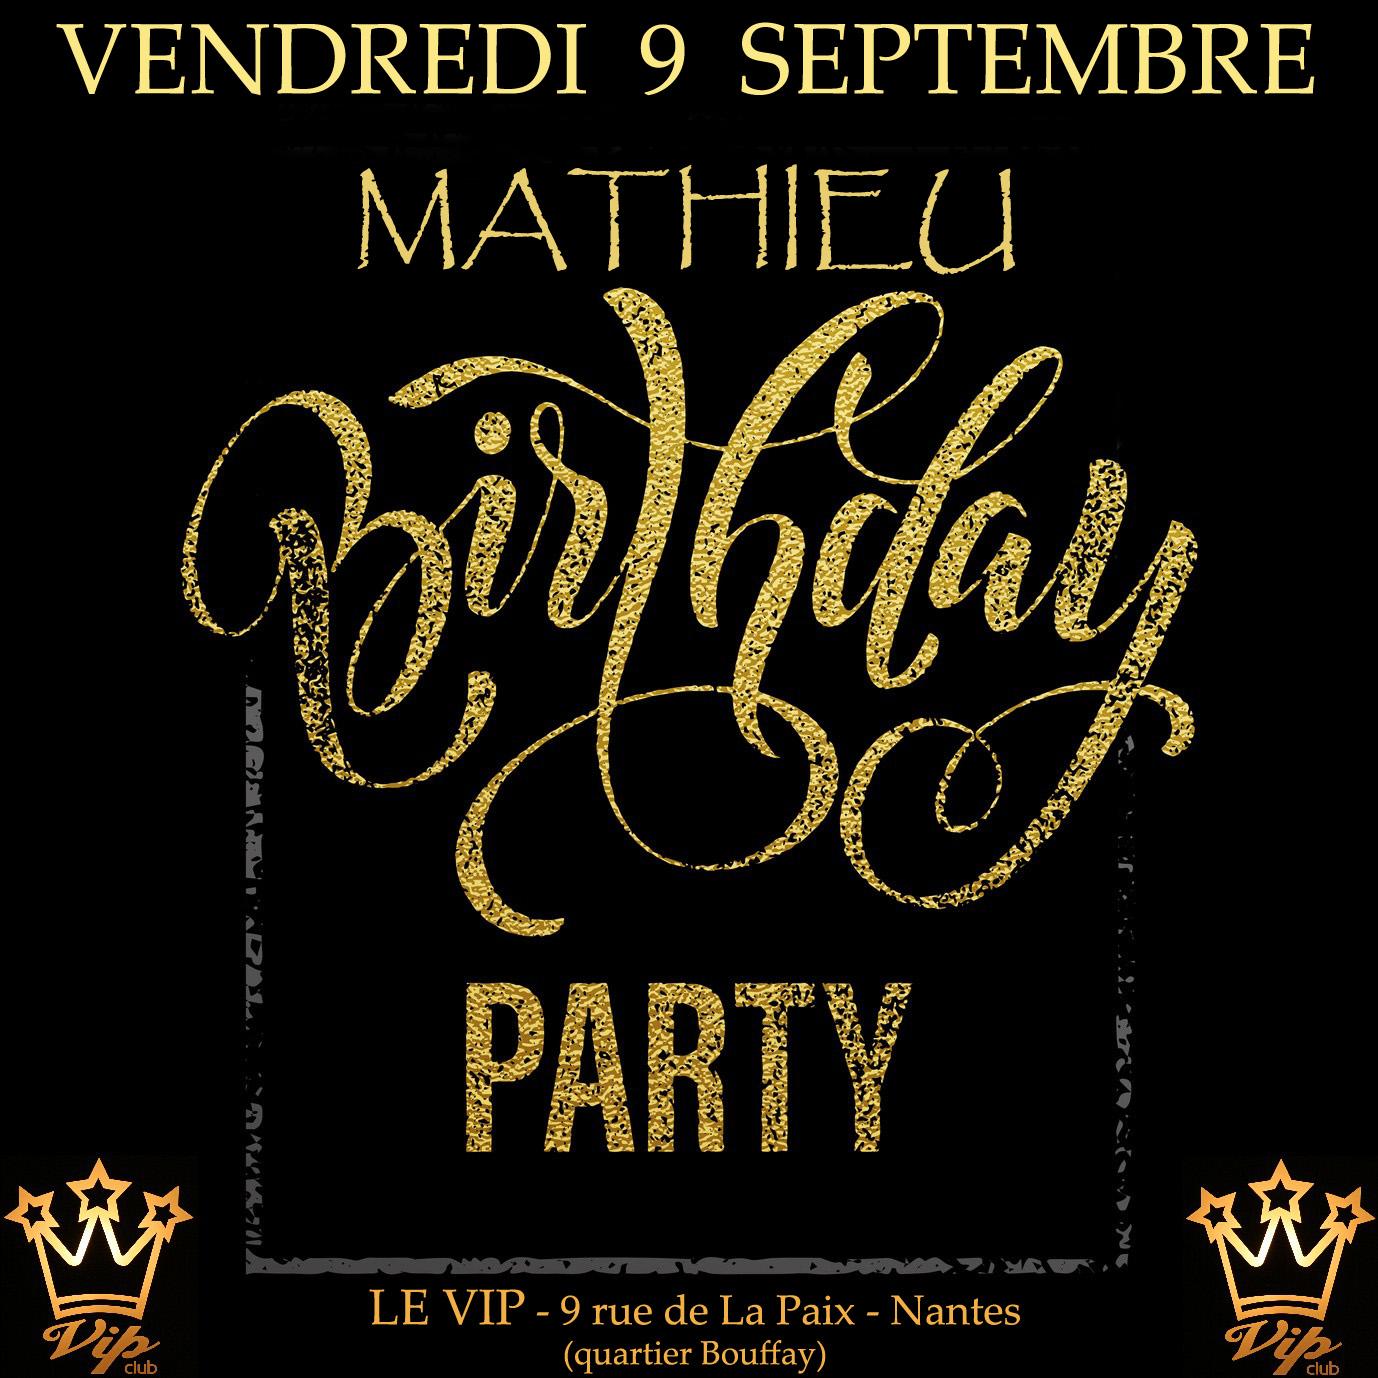 Mathieu Birthday Party